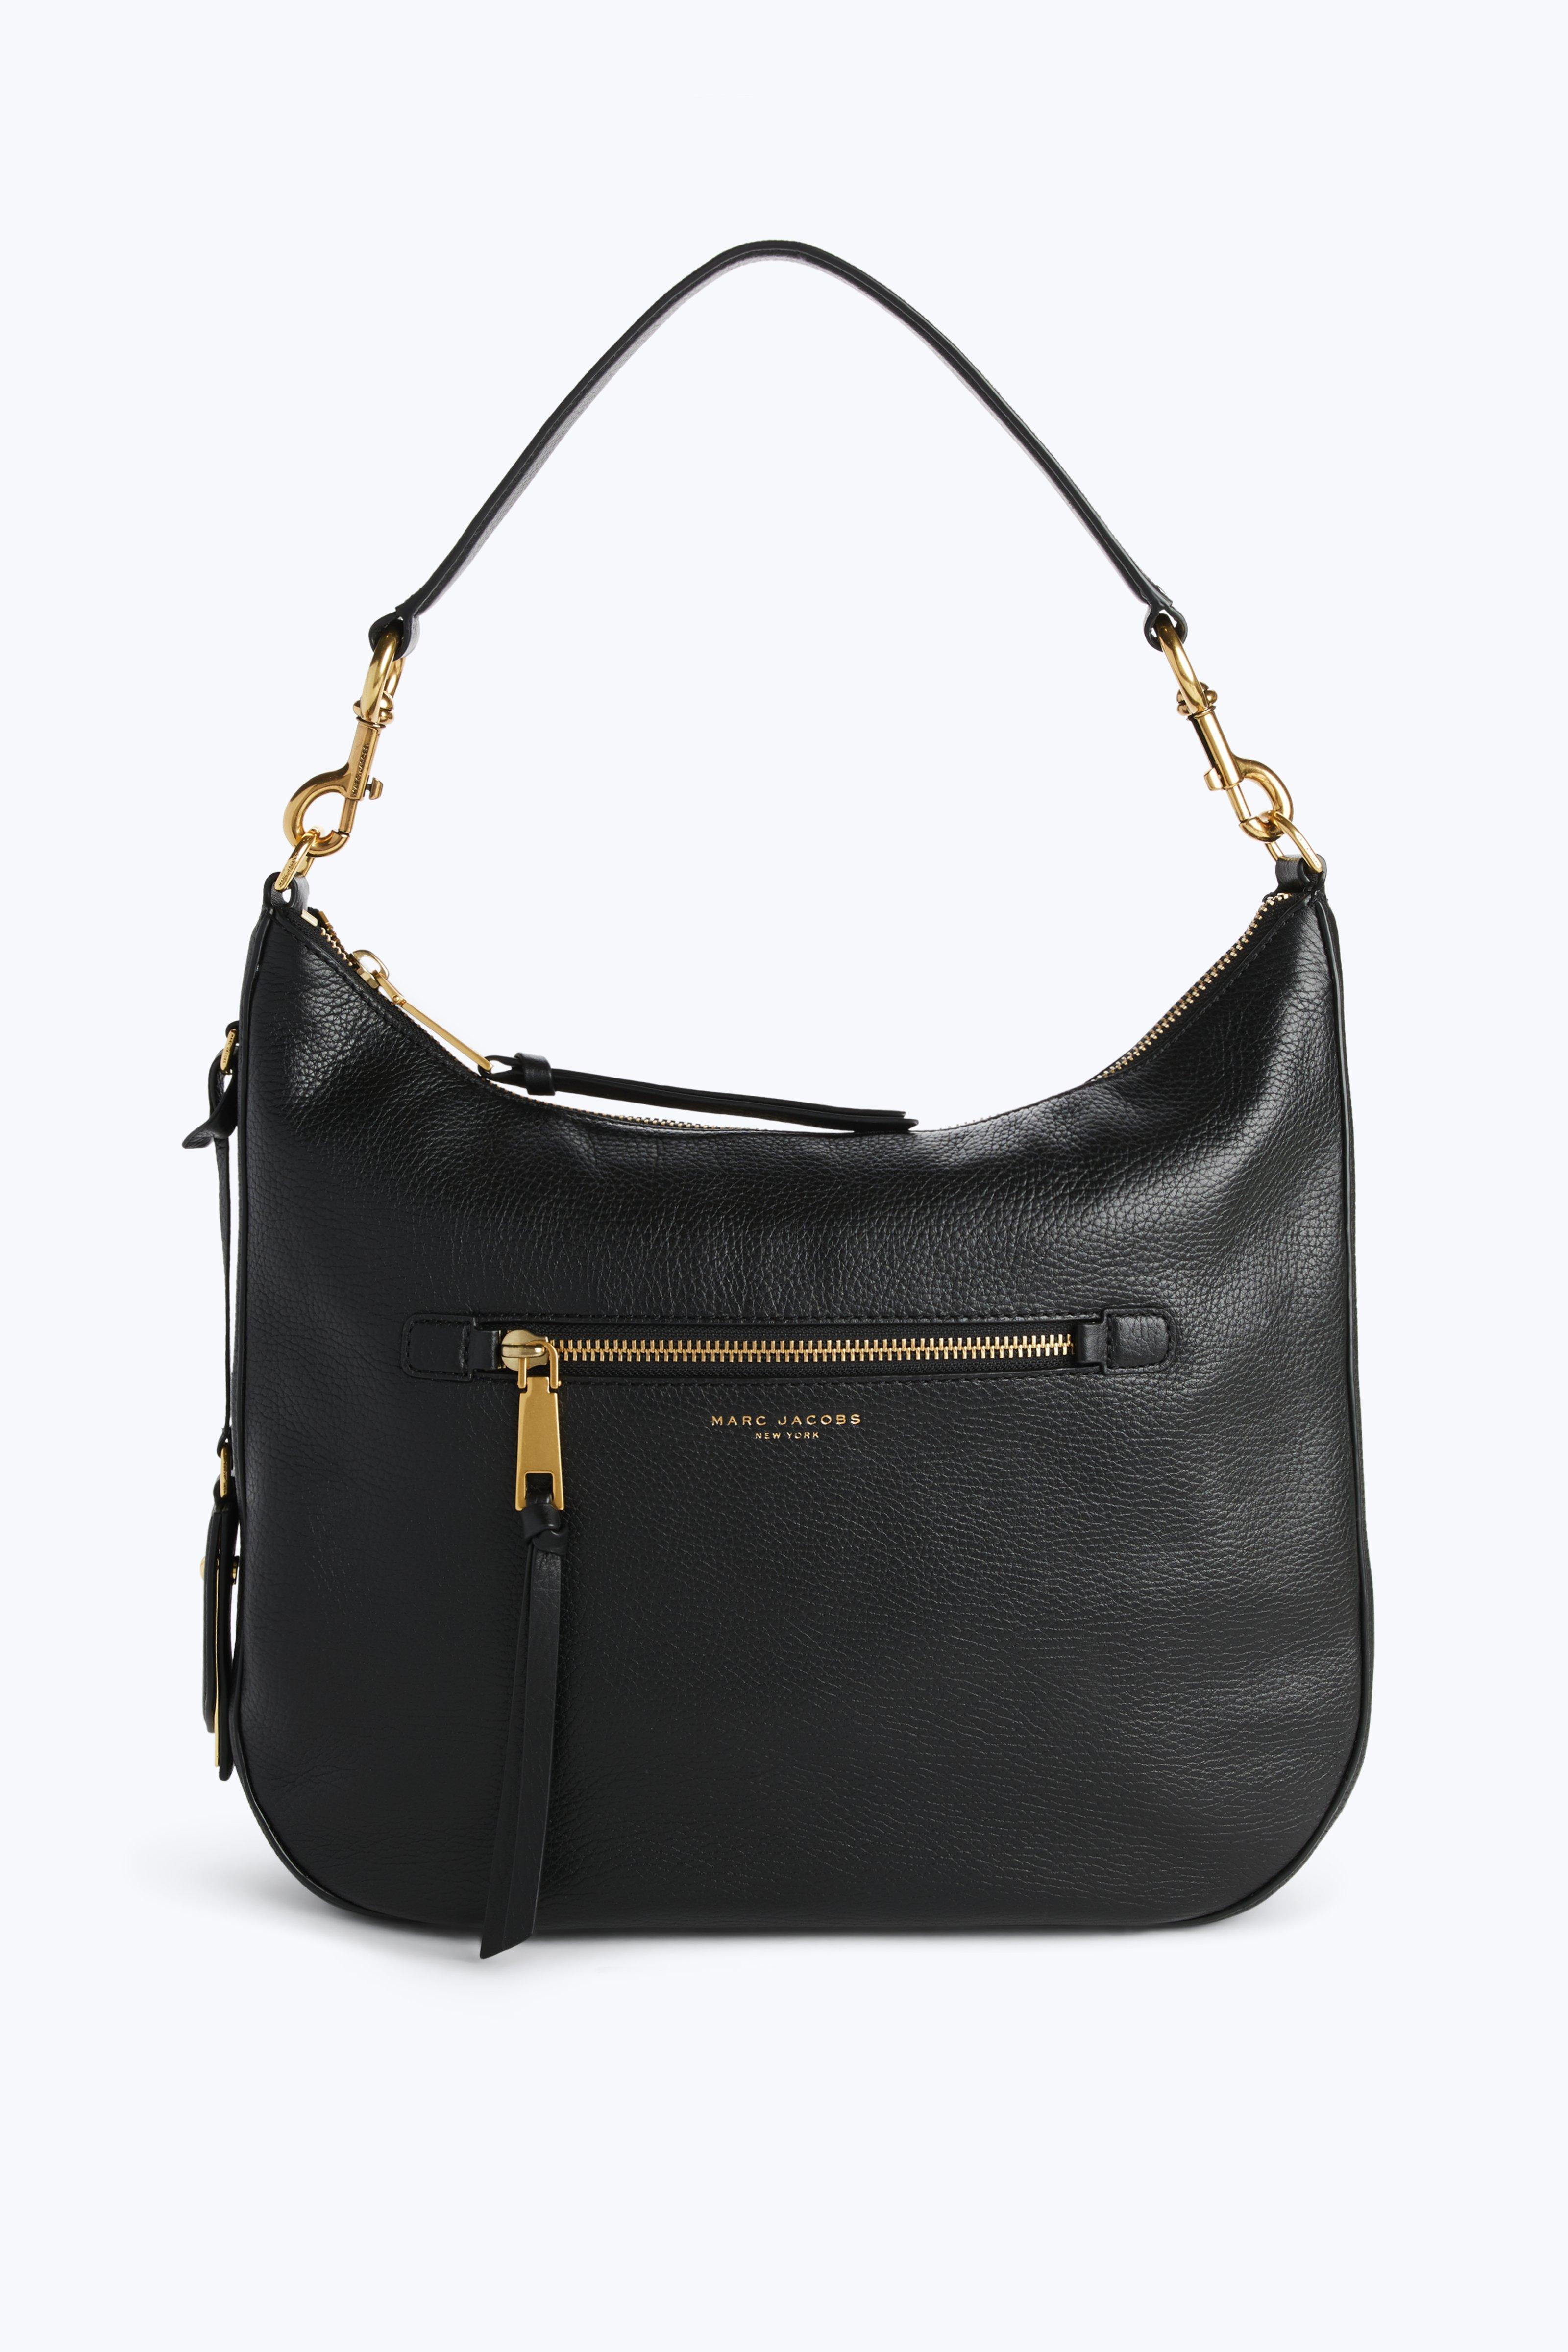 marc jacobs hobo bag bags more. Black Bedroom Furniture Sets. Home Design Ideas